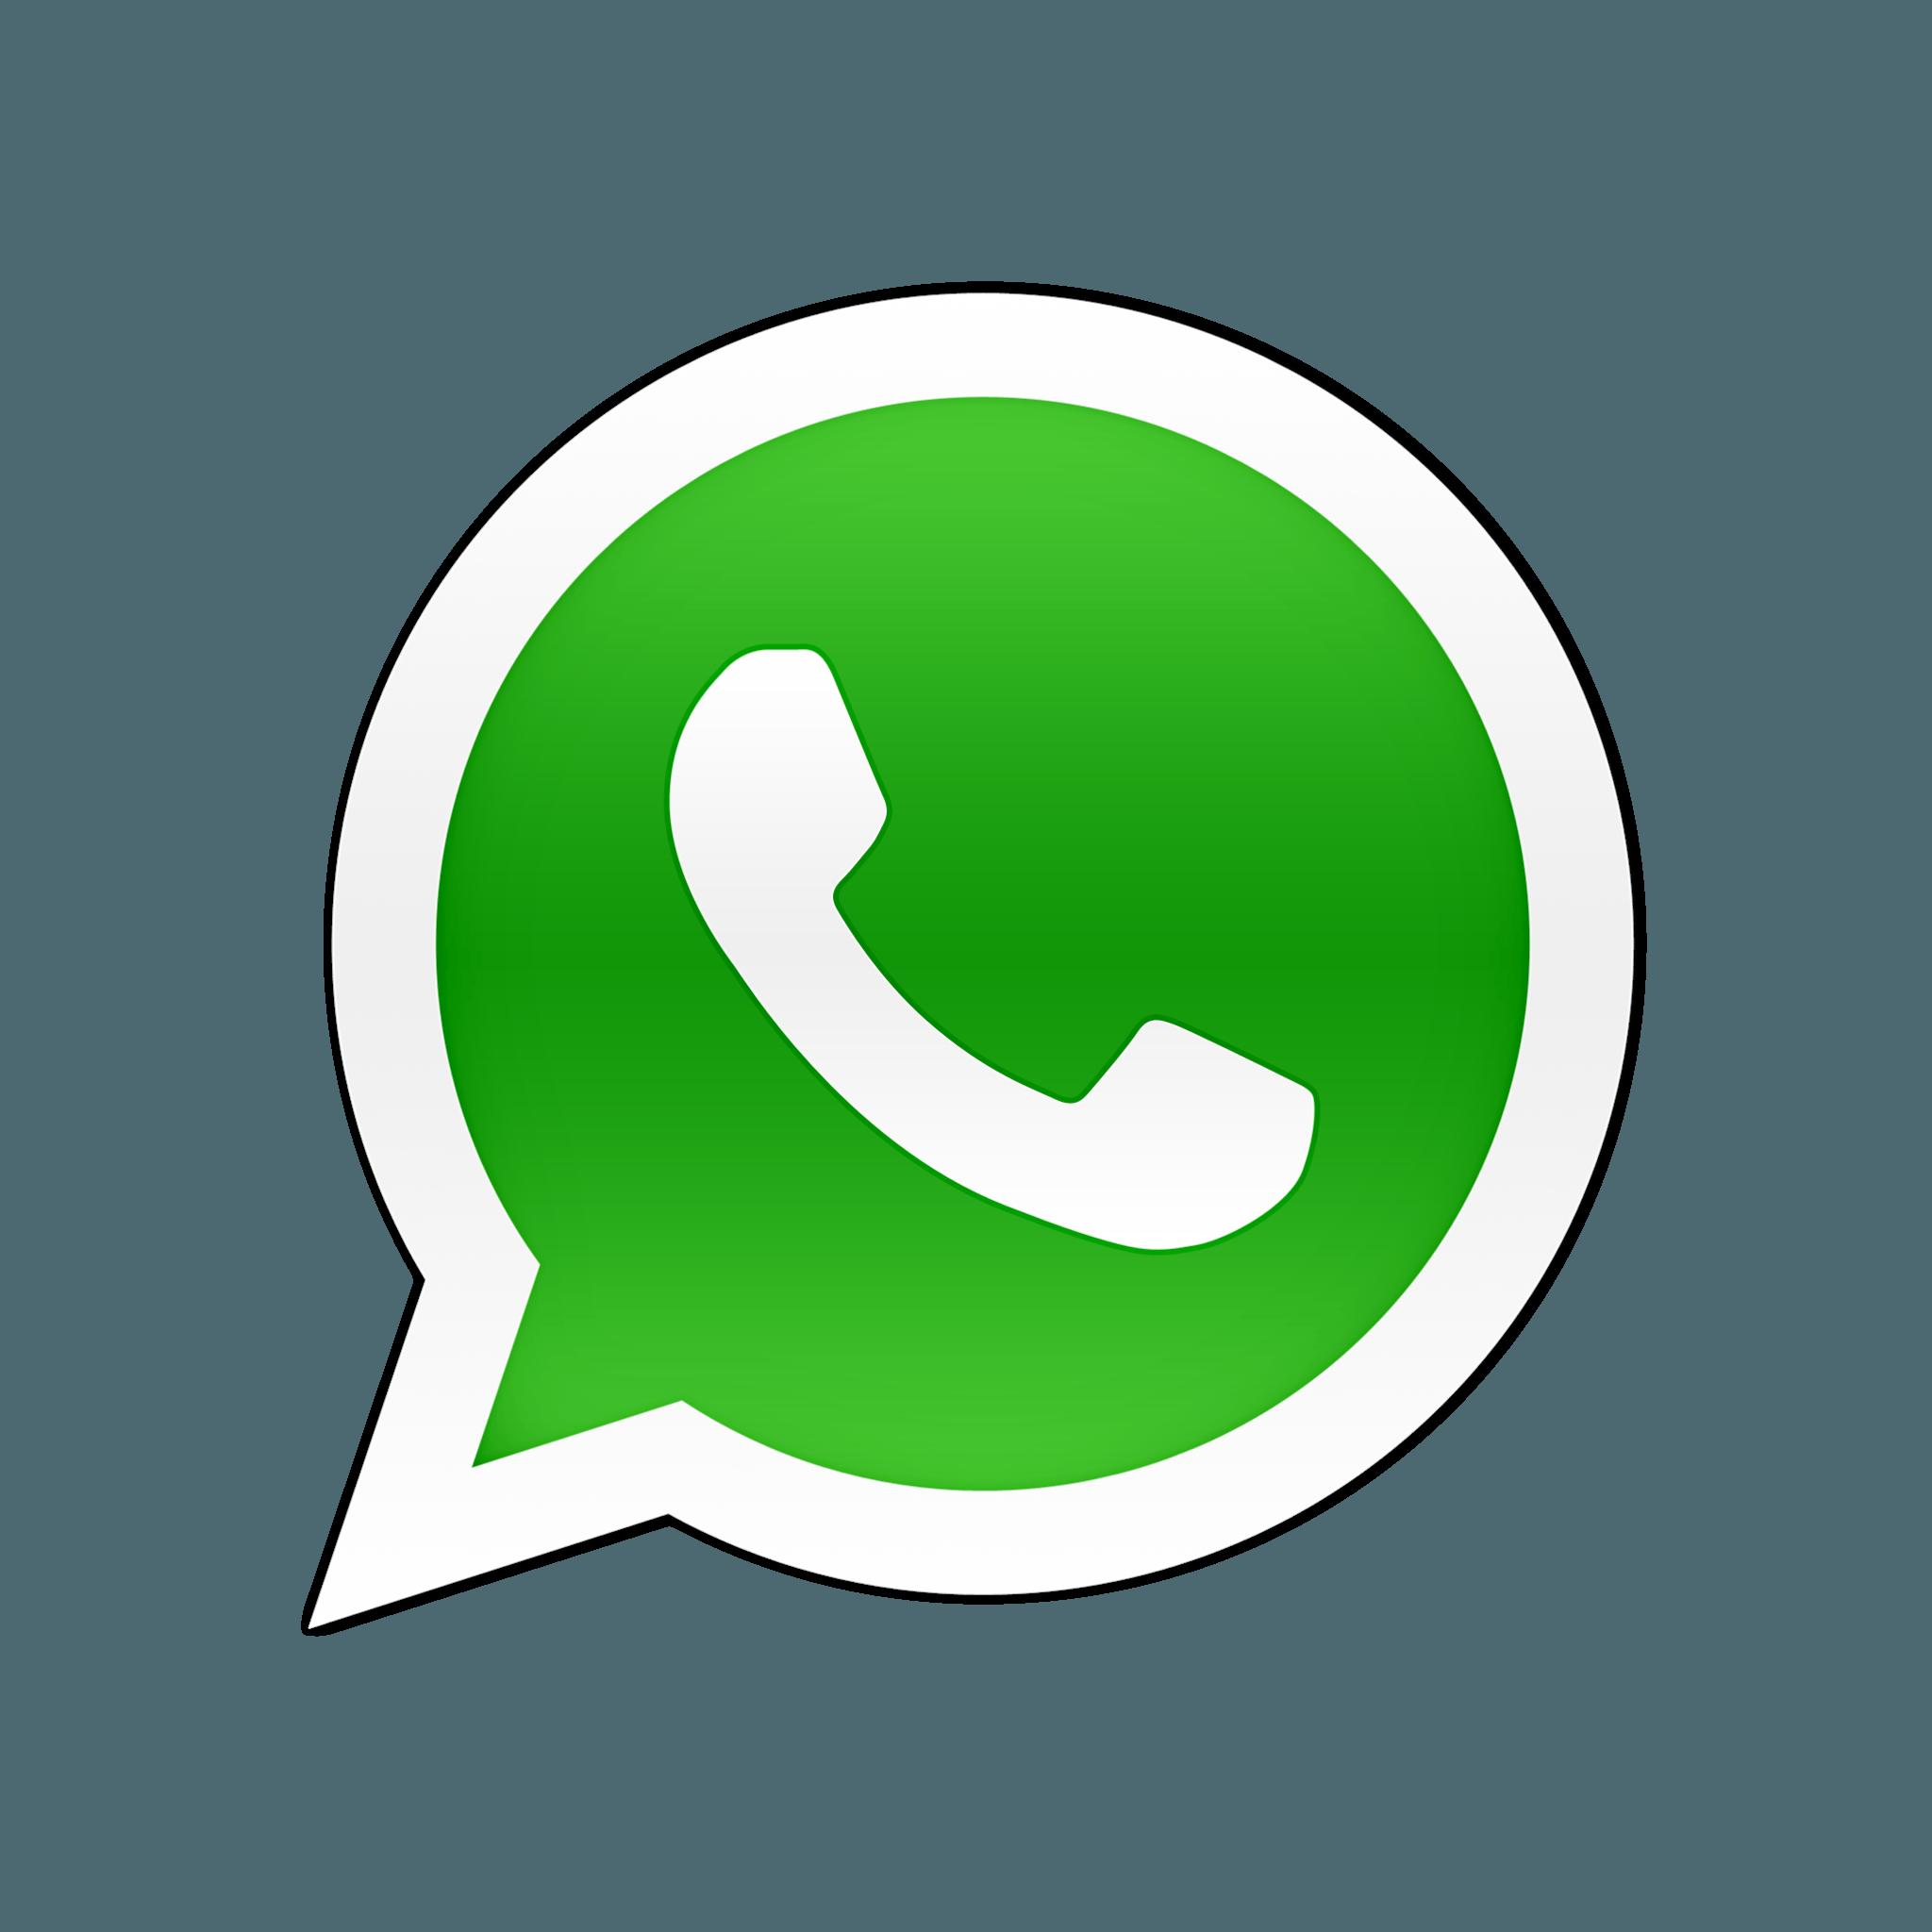 Icono WhatsApp Bicicletas Mañas